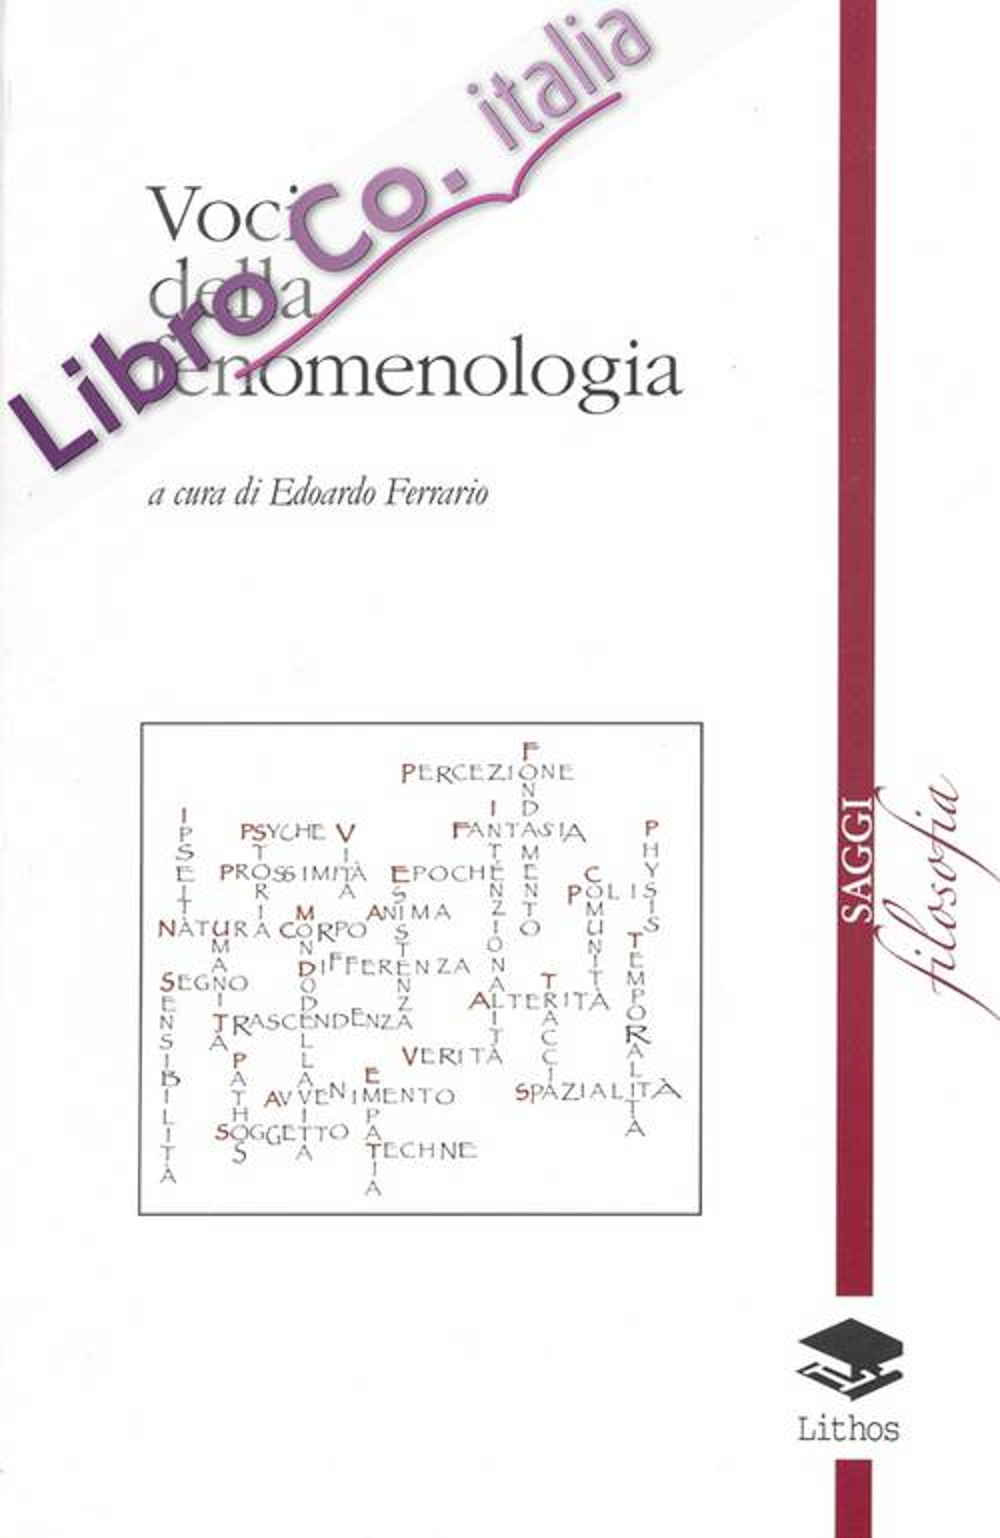 Voci della fenomenologia